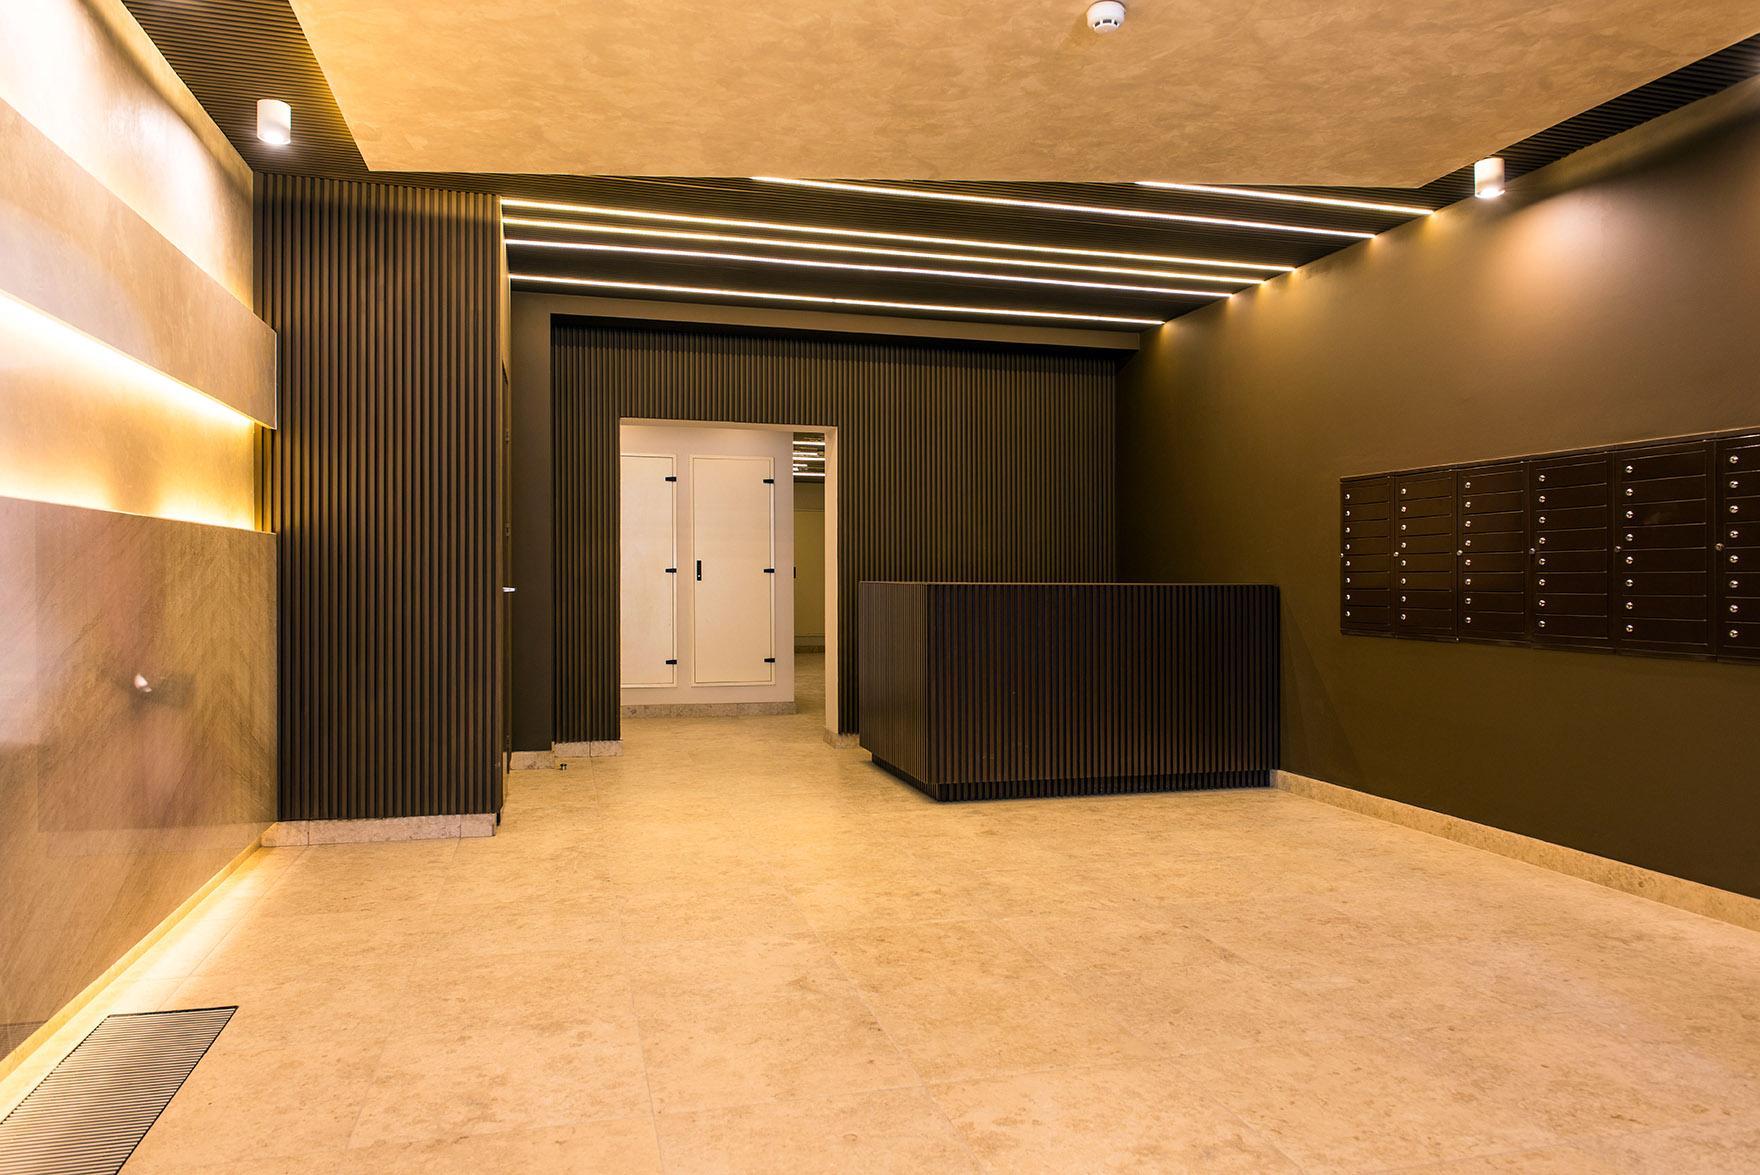 Многоквартирный дом «», холл, фото из проекта